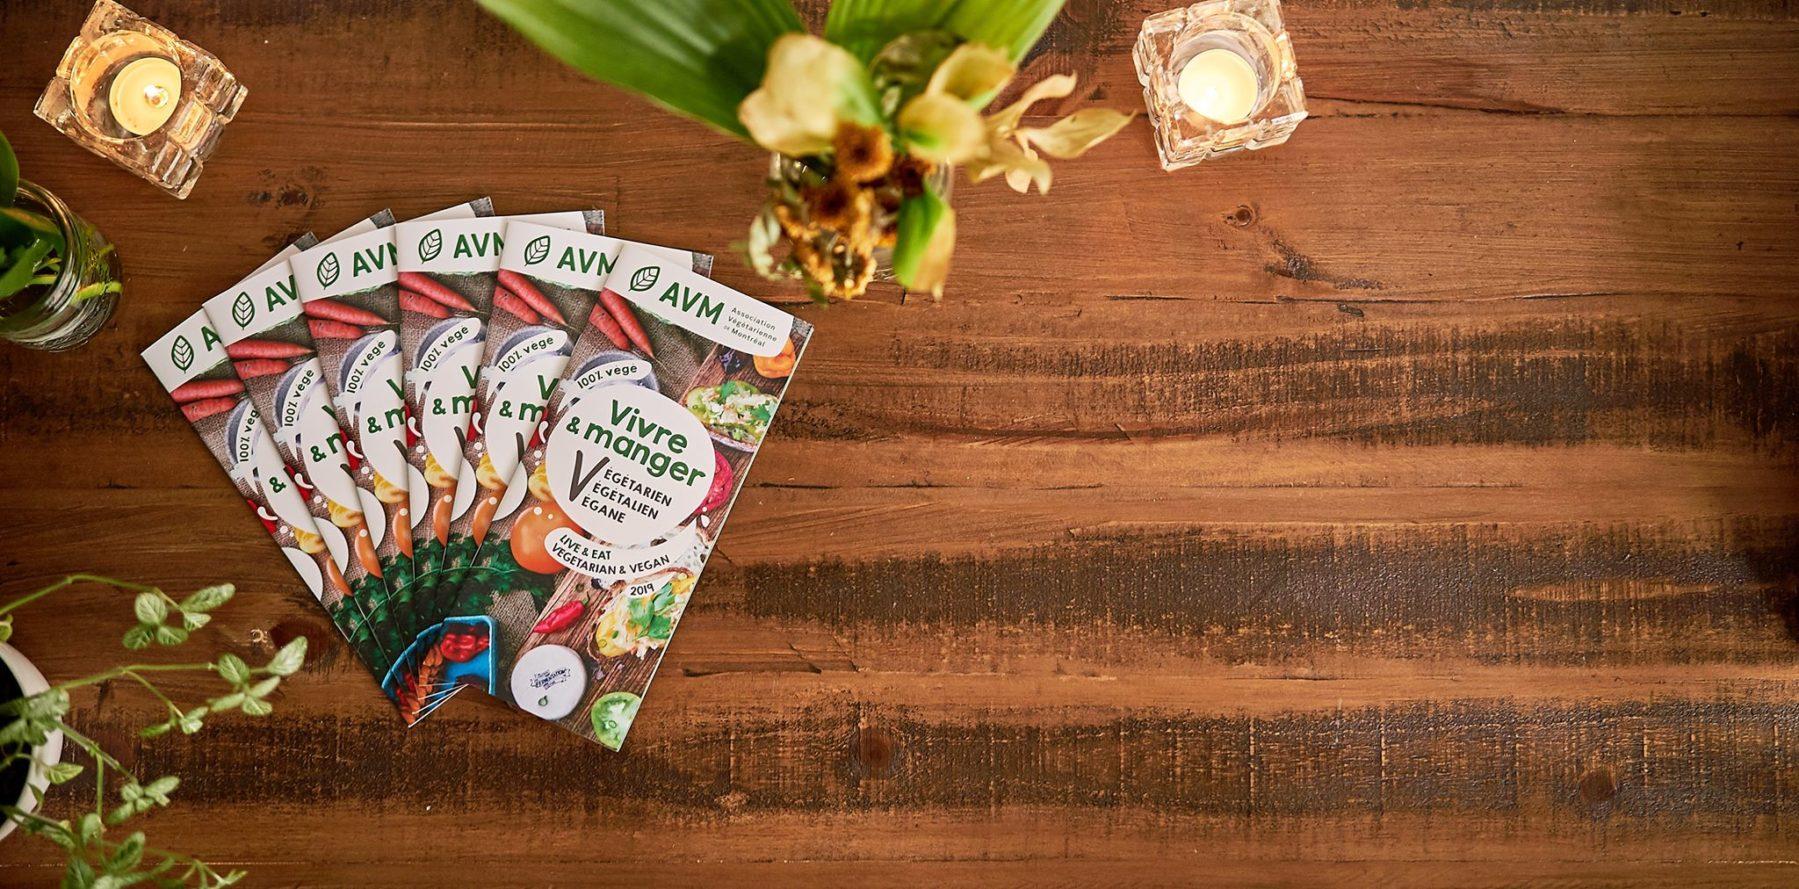 Annuaire des commerces végétariens, végétaliens et véganes de Montréal